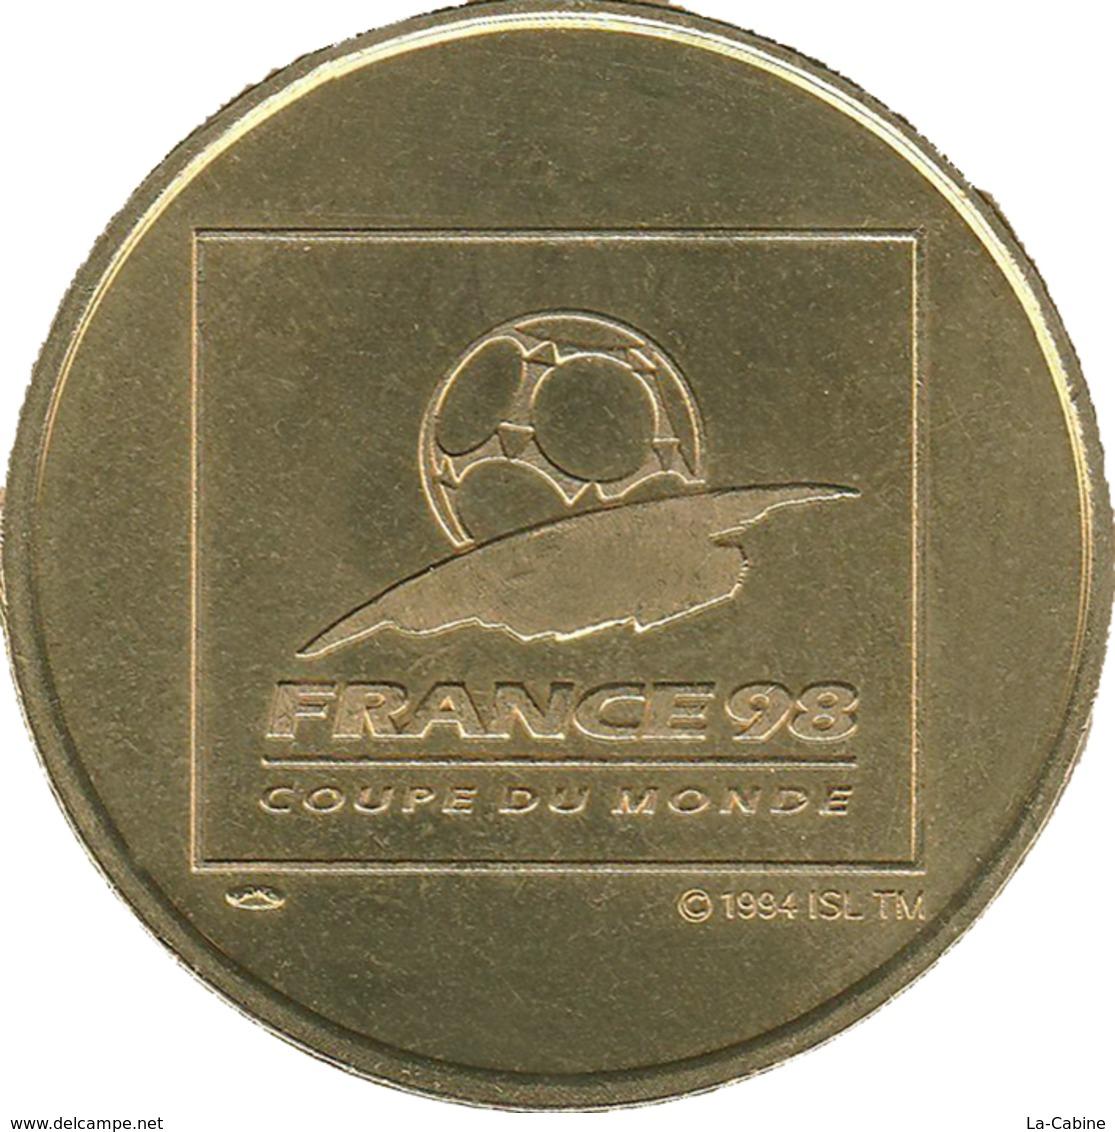 75 PARIS COUPE DU MONDE DE FOOTBALL FRANCE 98 MÉDAILLE MONNAIE DE PARIS JETON MEDALS TOKEN COIN - Monnaie De Paris